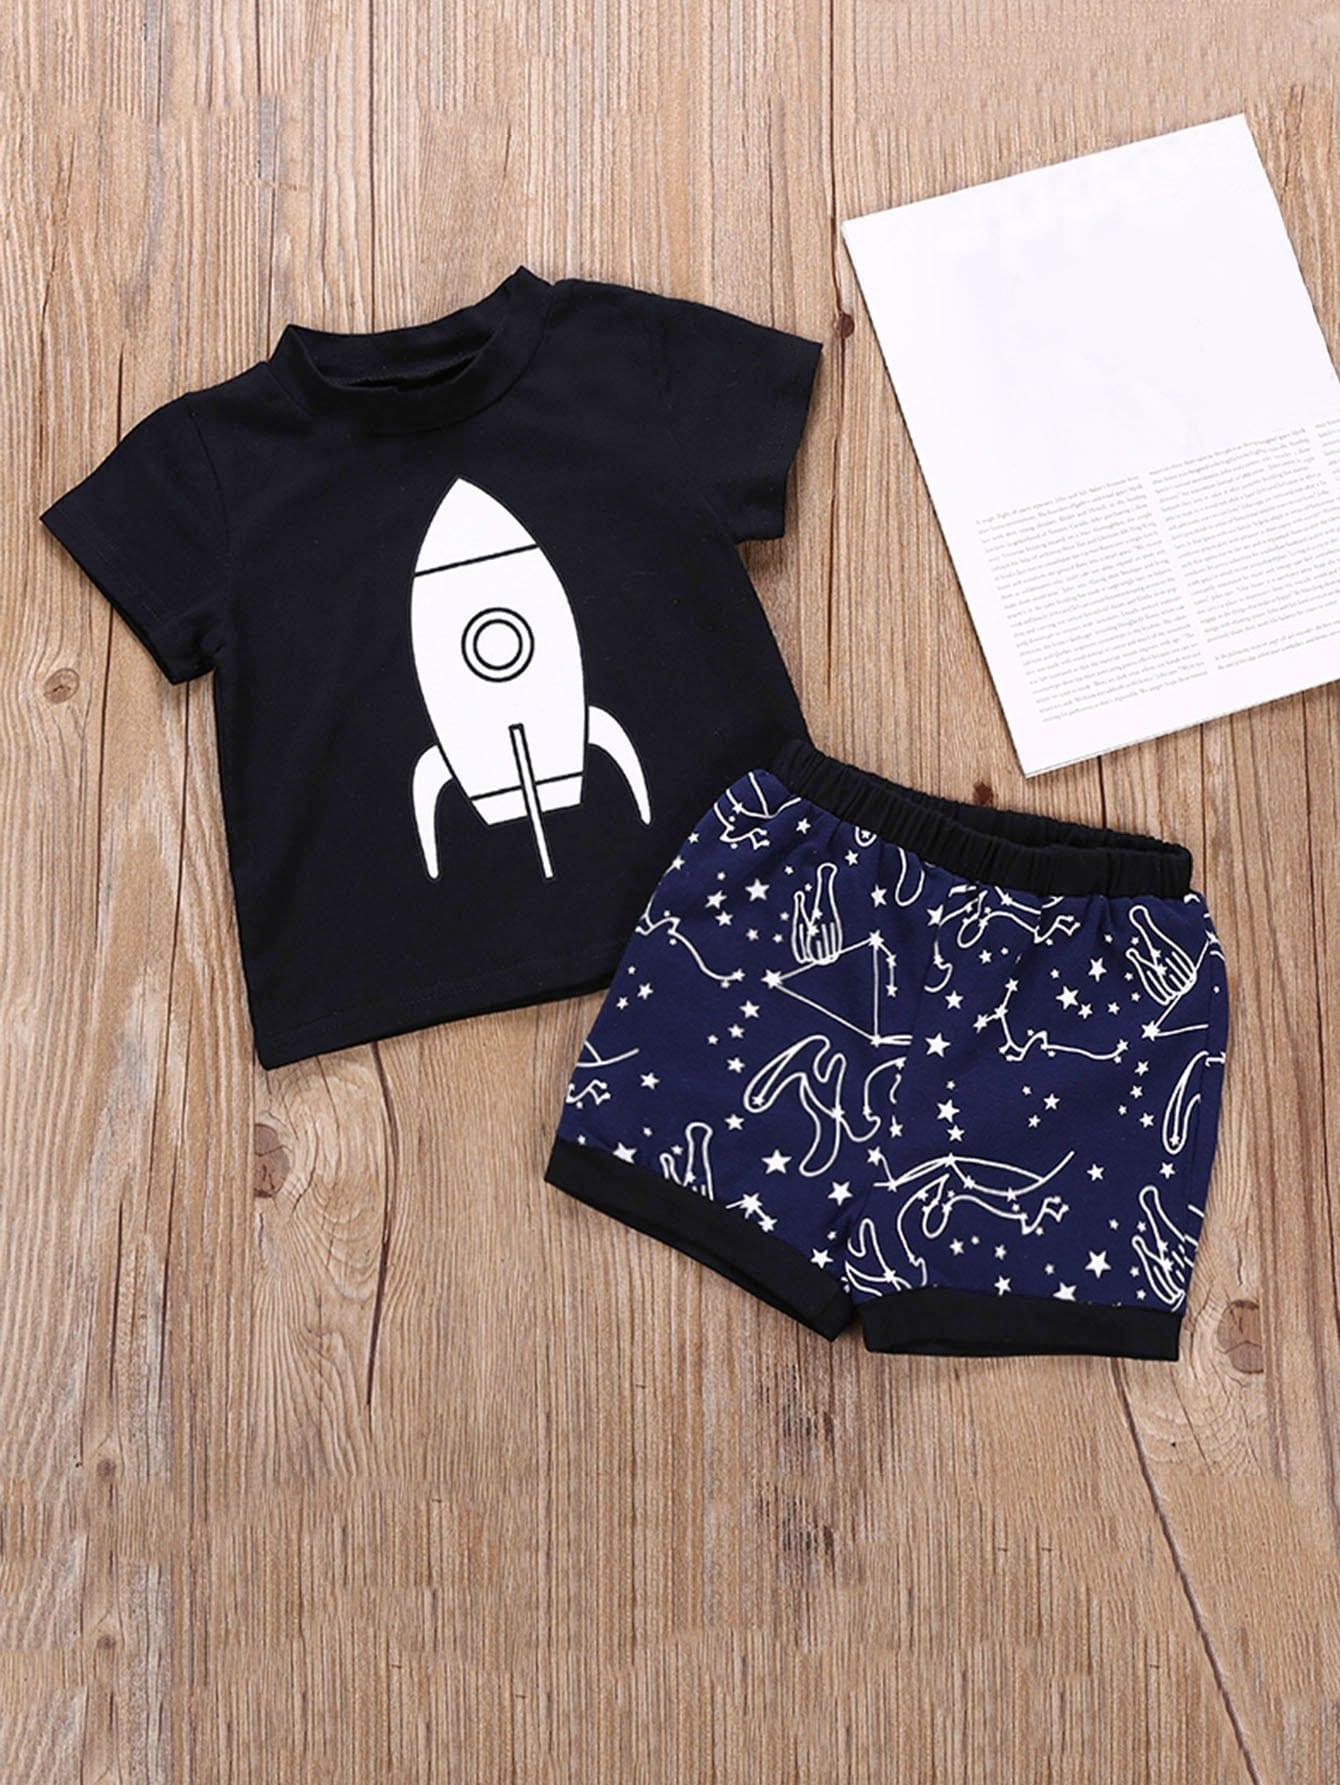 Купить Футболка с рисунками ракеты и шорты с рисунками галактики для мальчика, null, SheIn